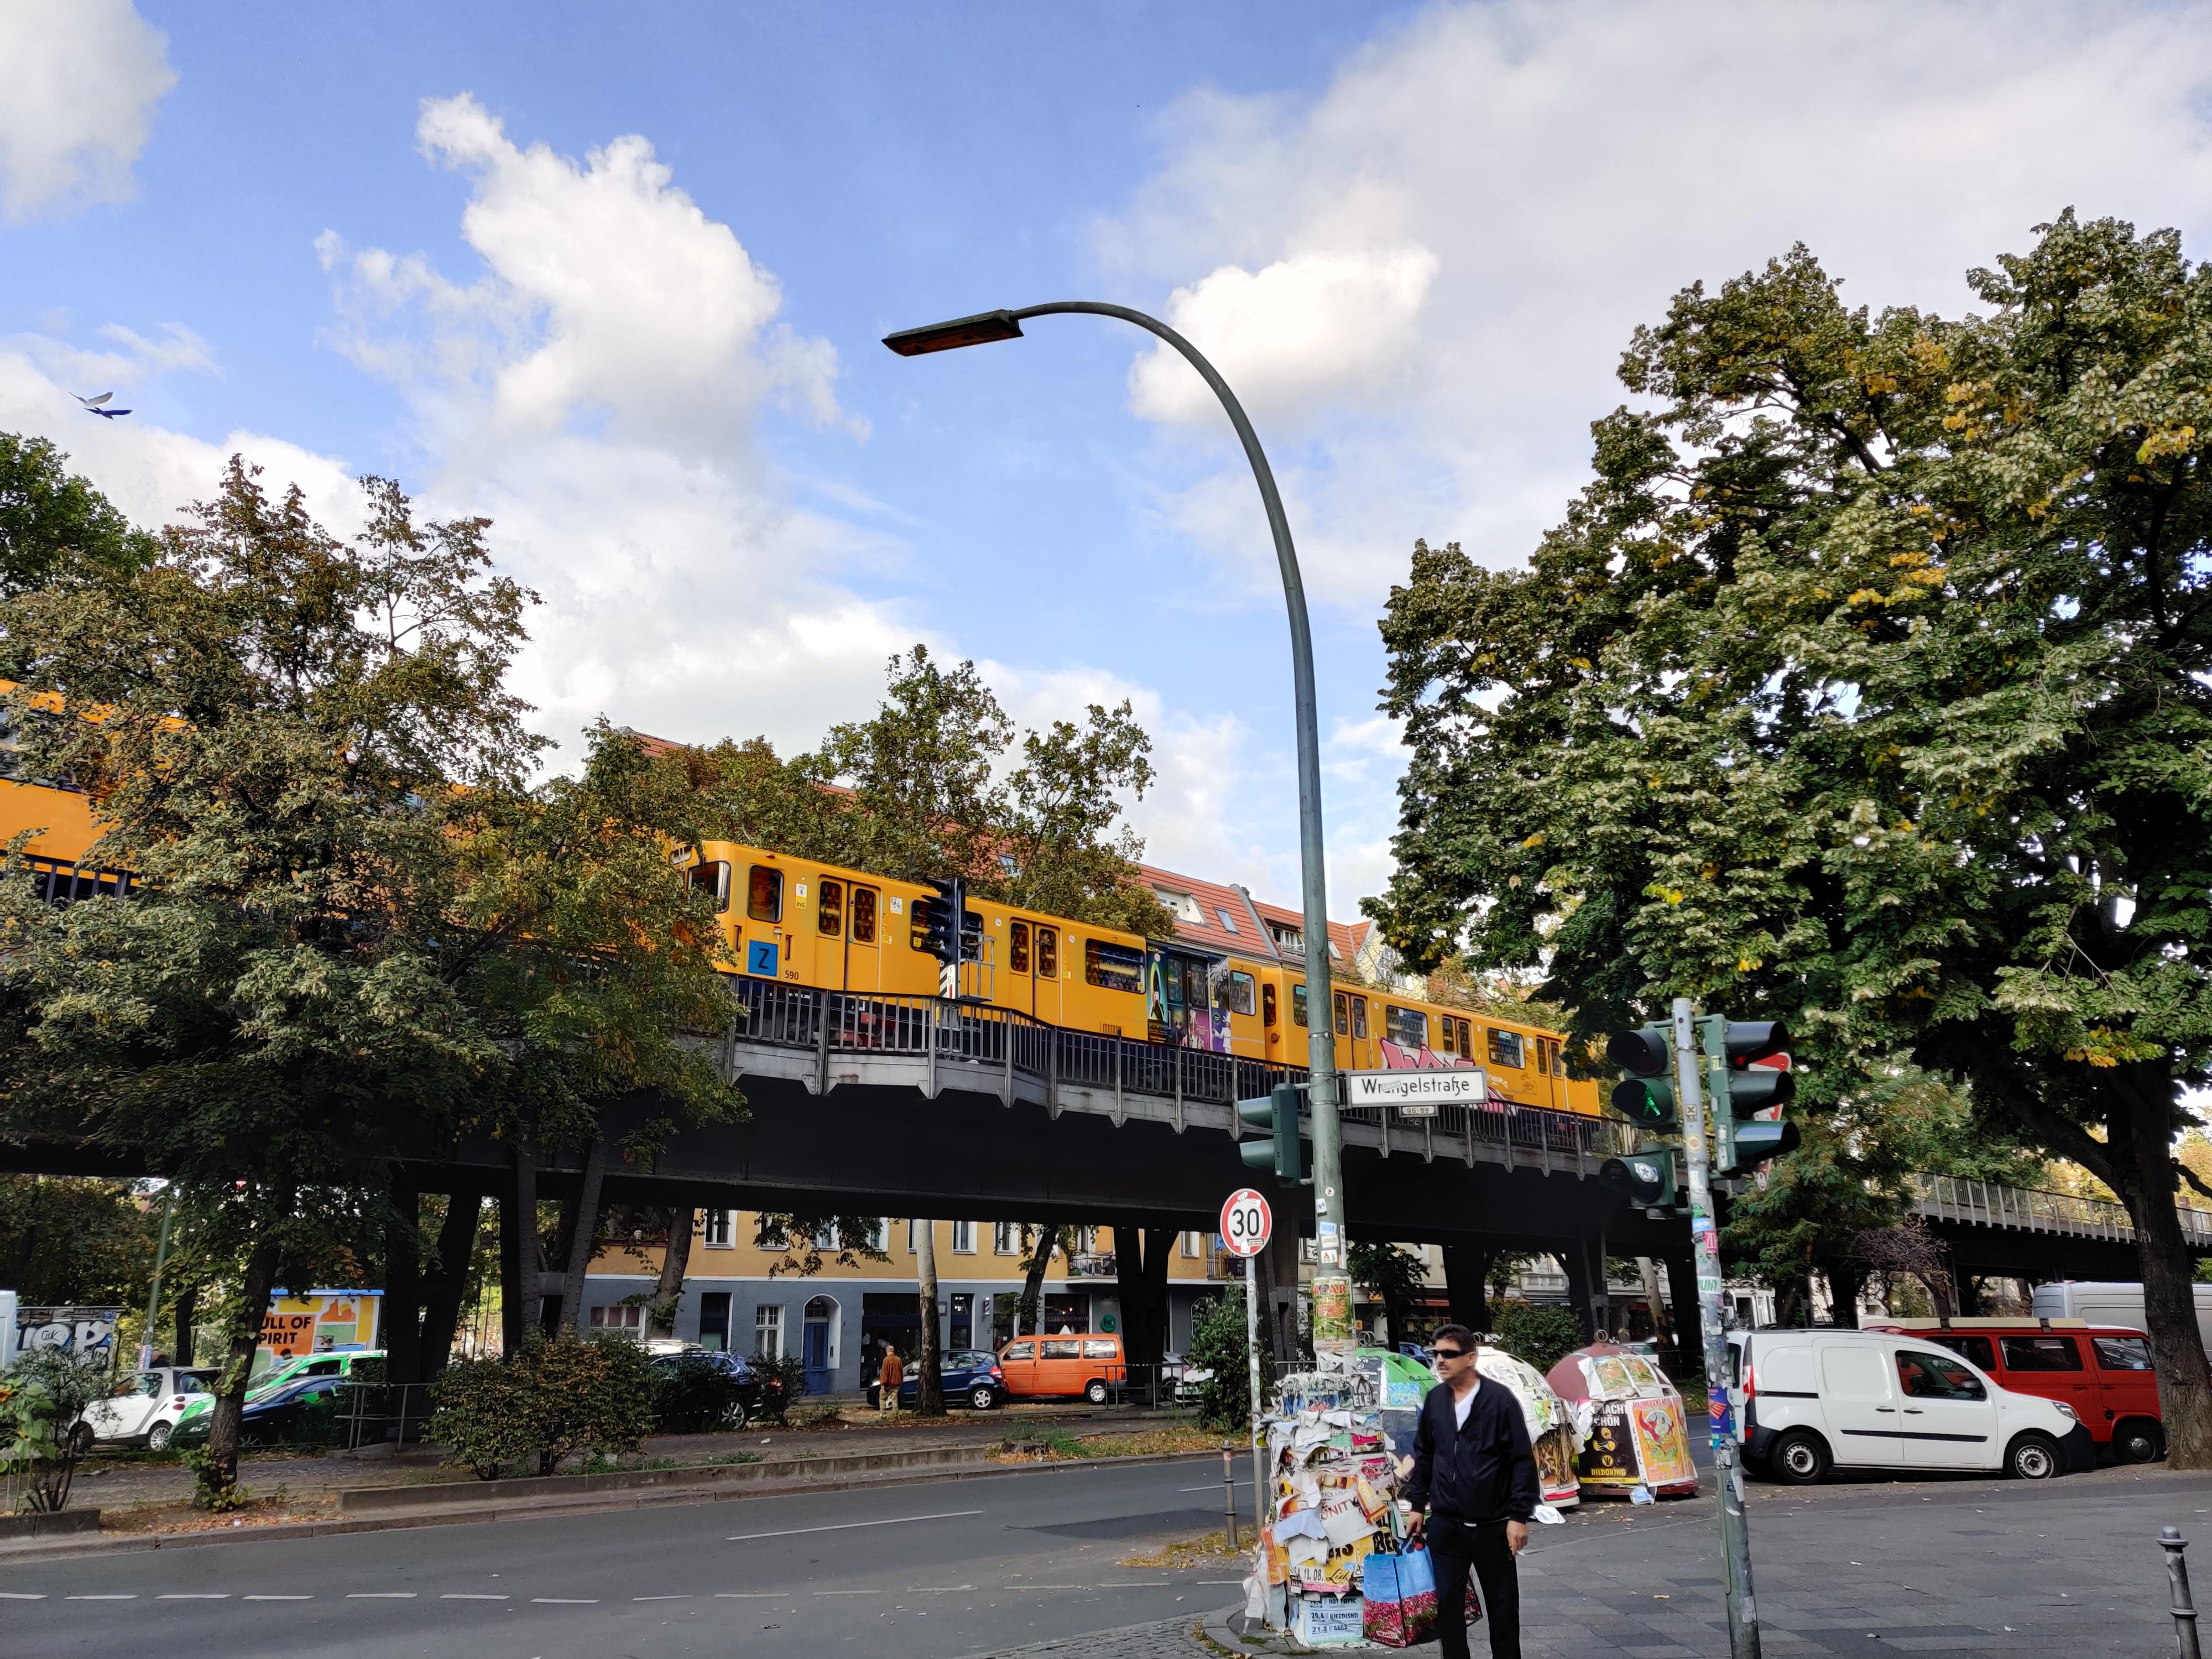 train jaune BVG passant sur un pont. Homme attends rue. Été, ciel bleu, un peu de nuages. Berlin Wrangelkiez Germany